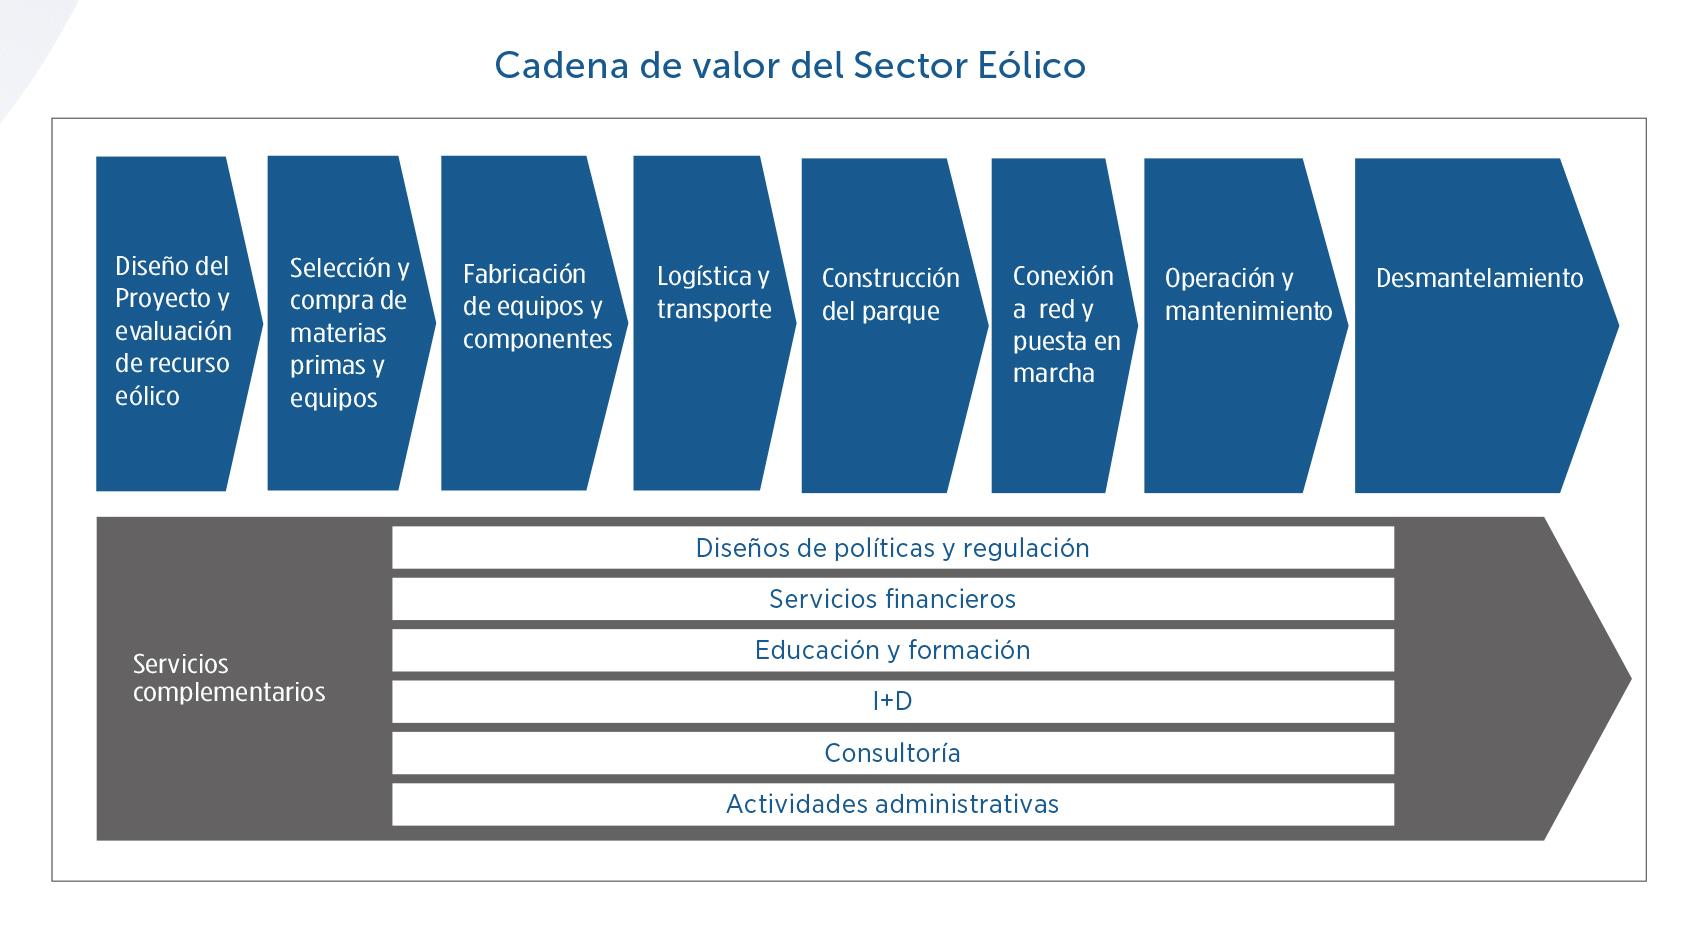 3-Cadena-de-valor-del-sector-elico